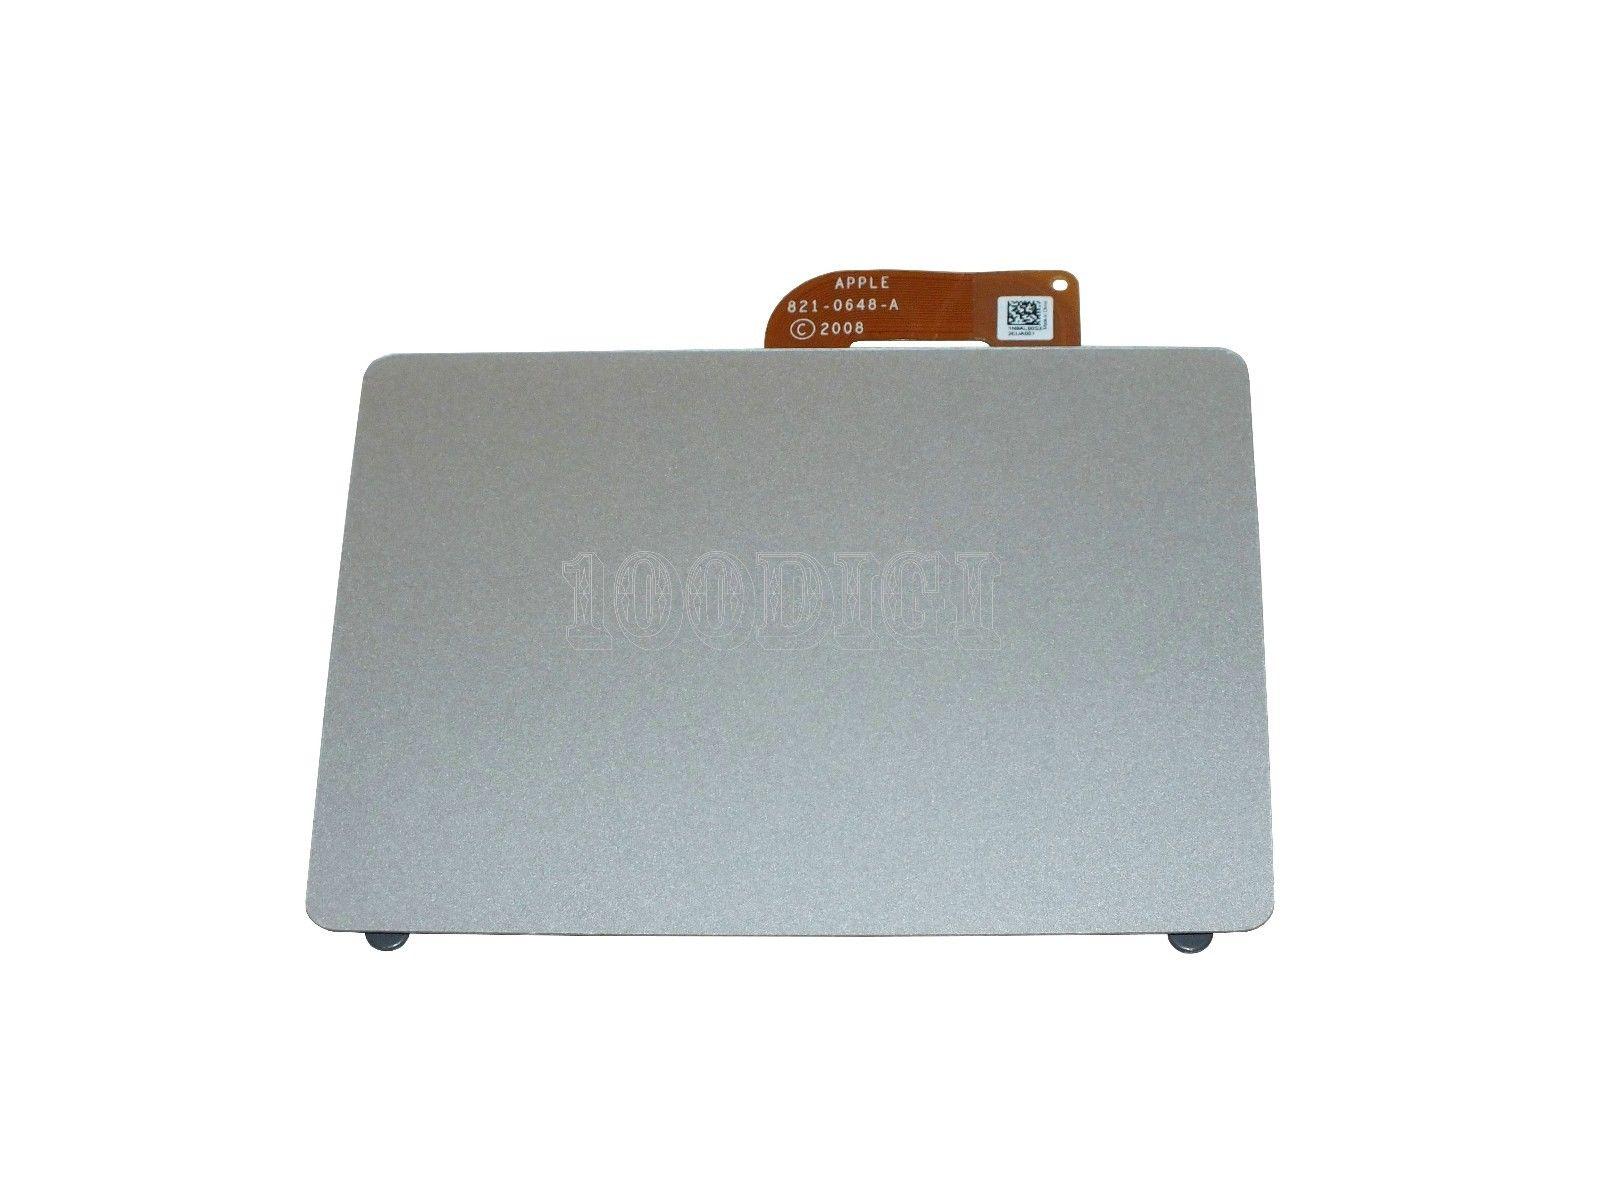 CHUỘT CẢM ỨNG TRACKPAD TOUCHPAD MACBOOK Unibody A1286 2008 MB133 MB134 BTO/CTO